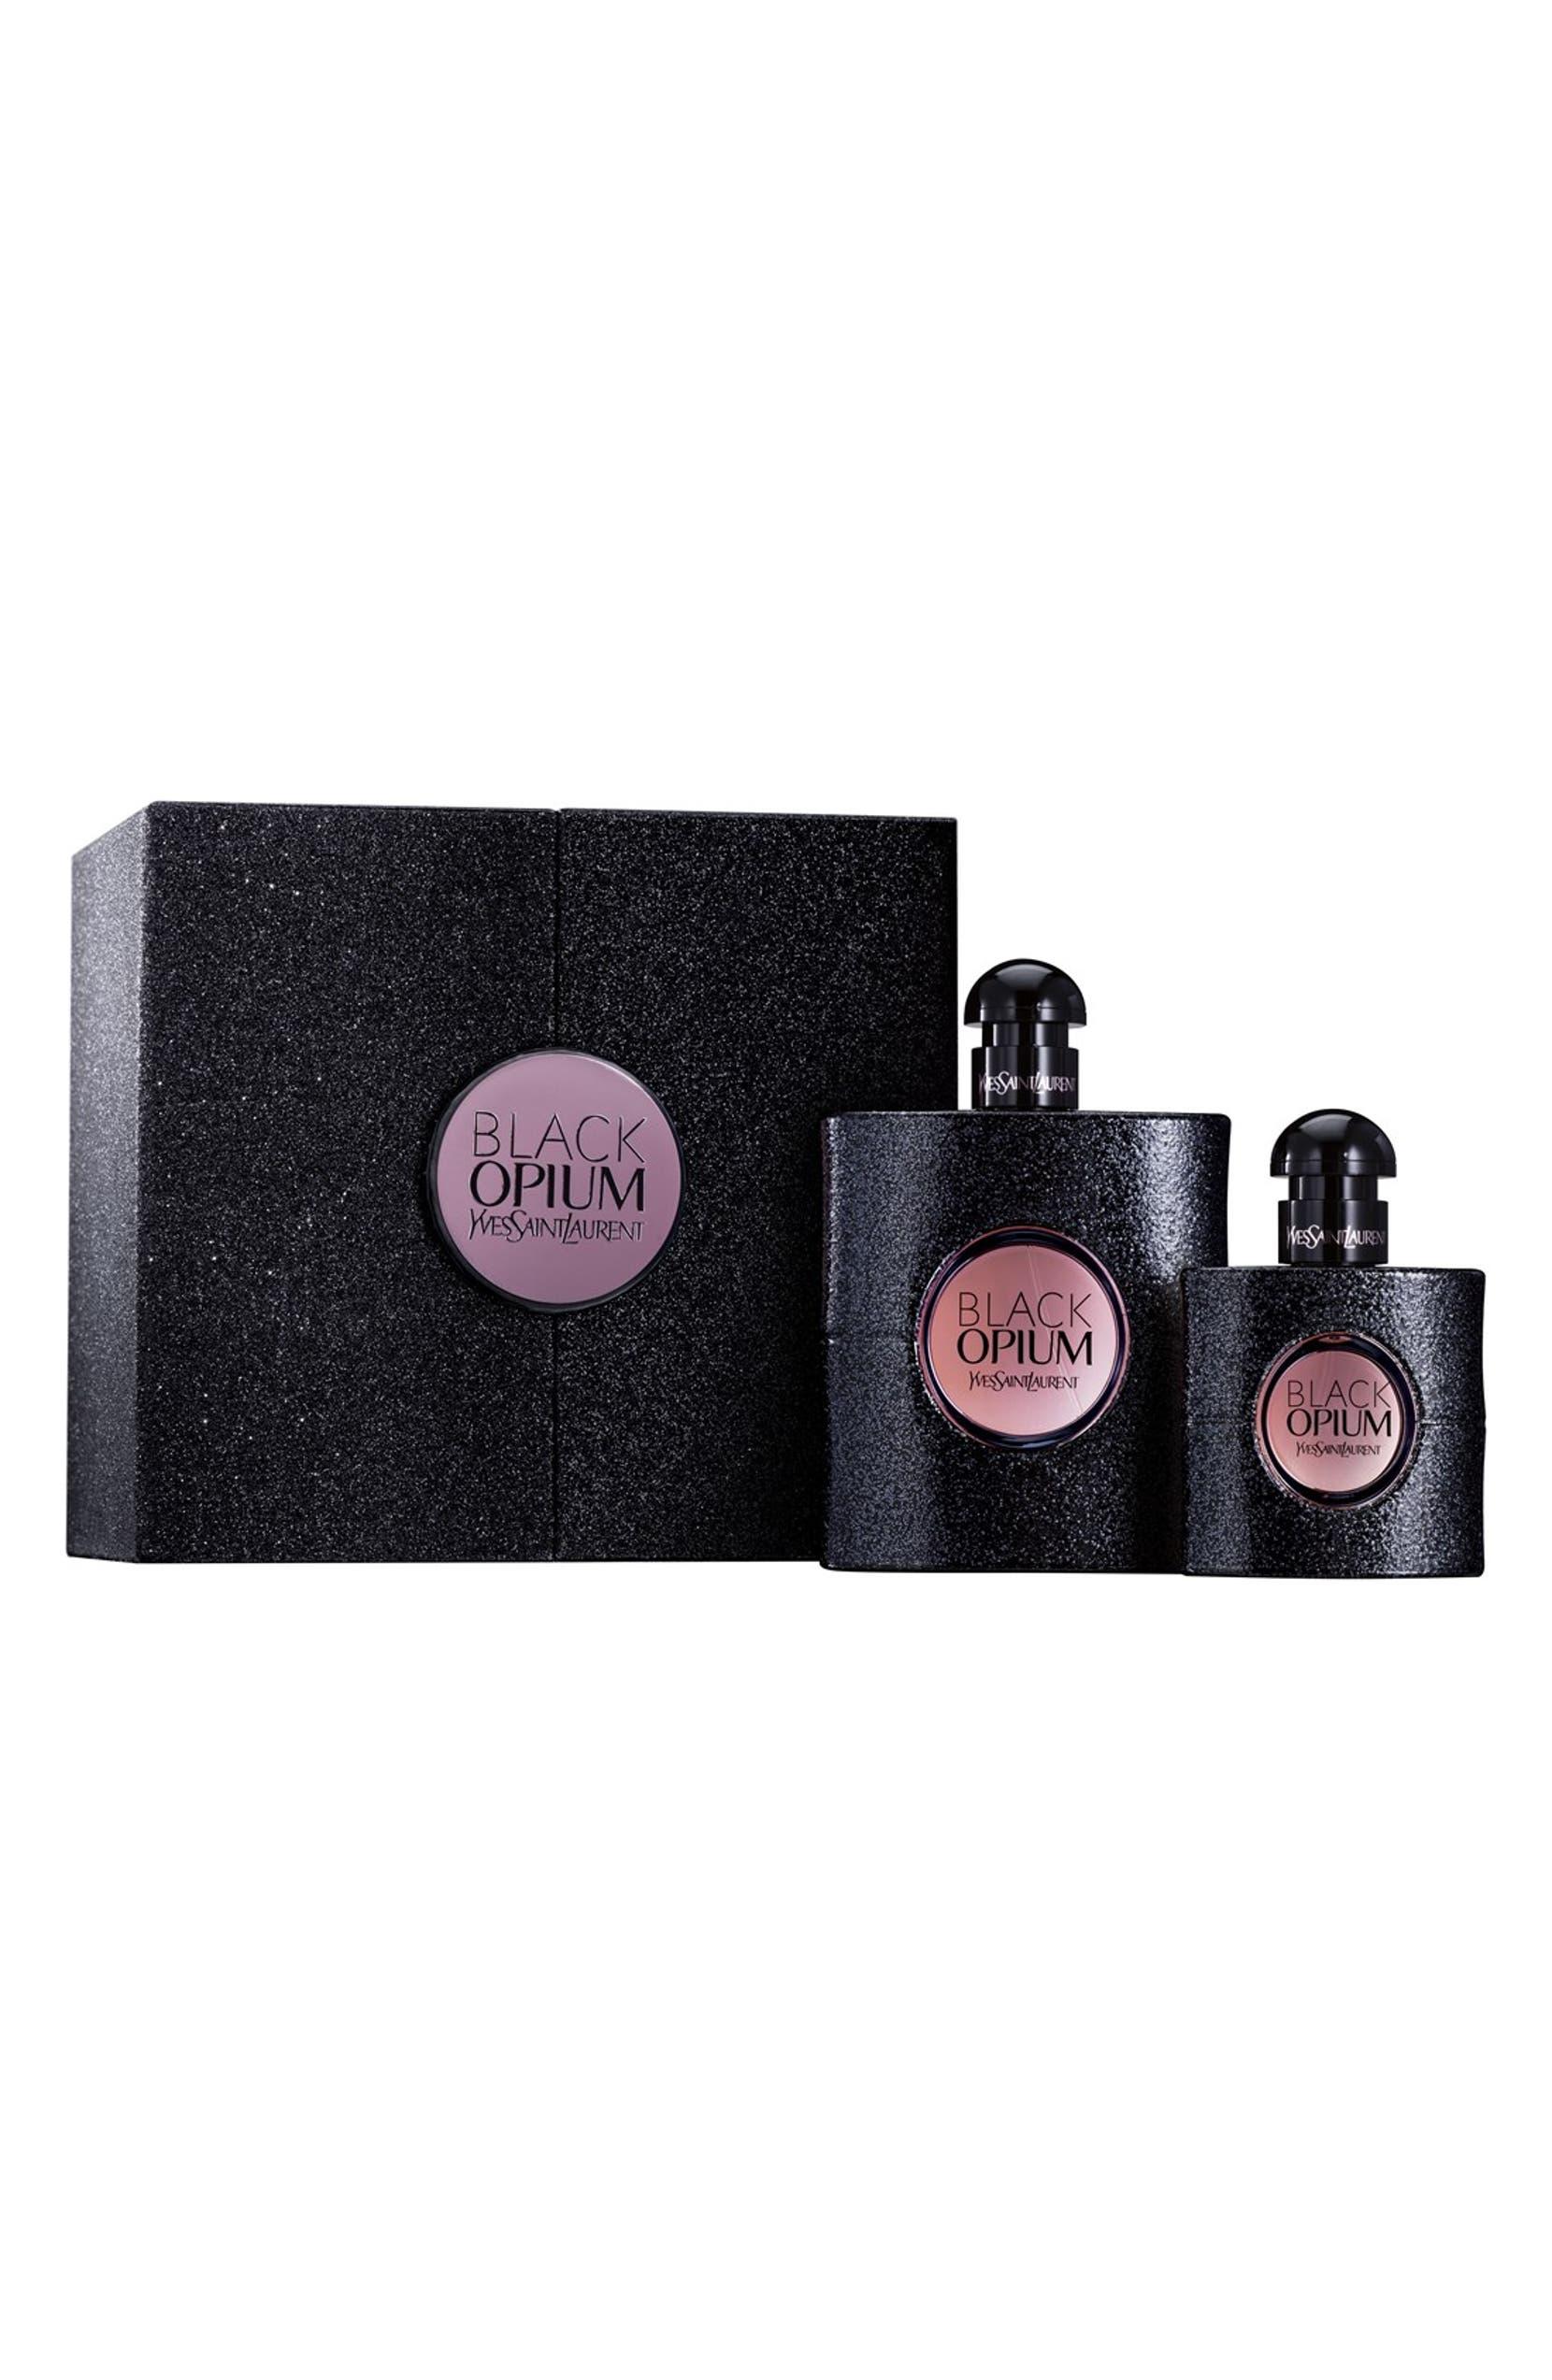 Yves Saint Laurent Black Opium Fragrance Set 182 Value Nordstrom Eyeliner Optimum